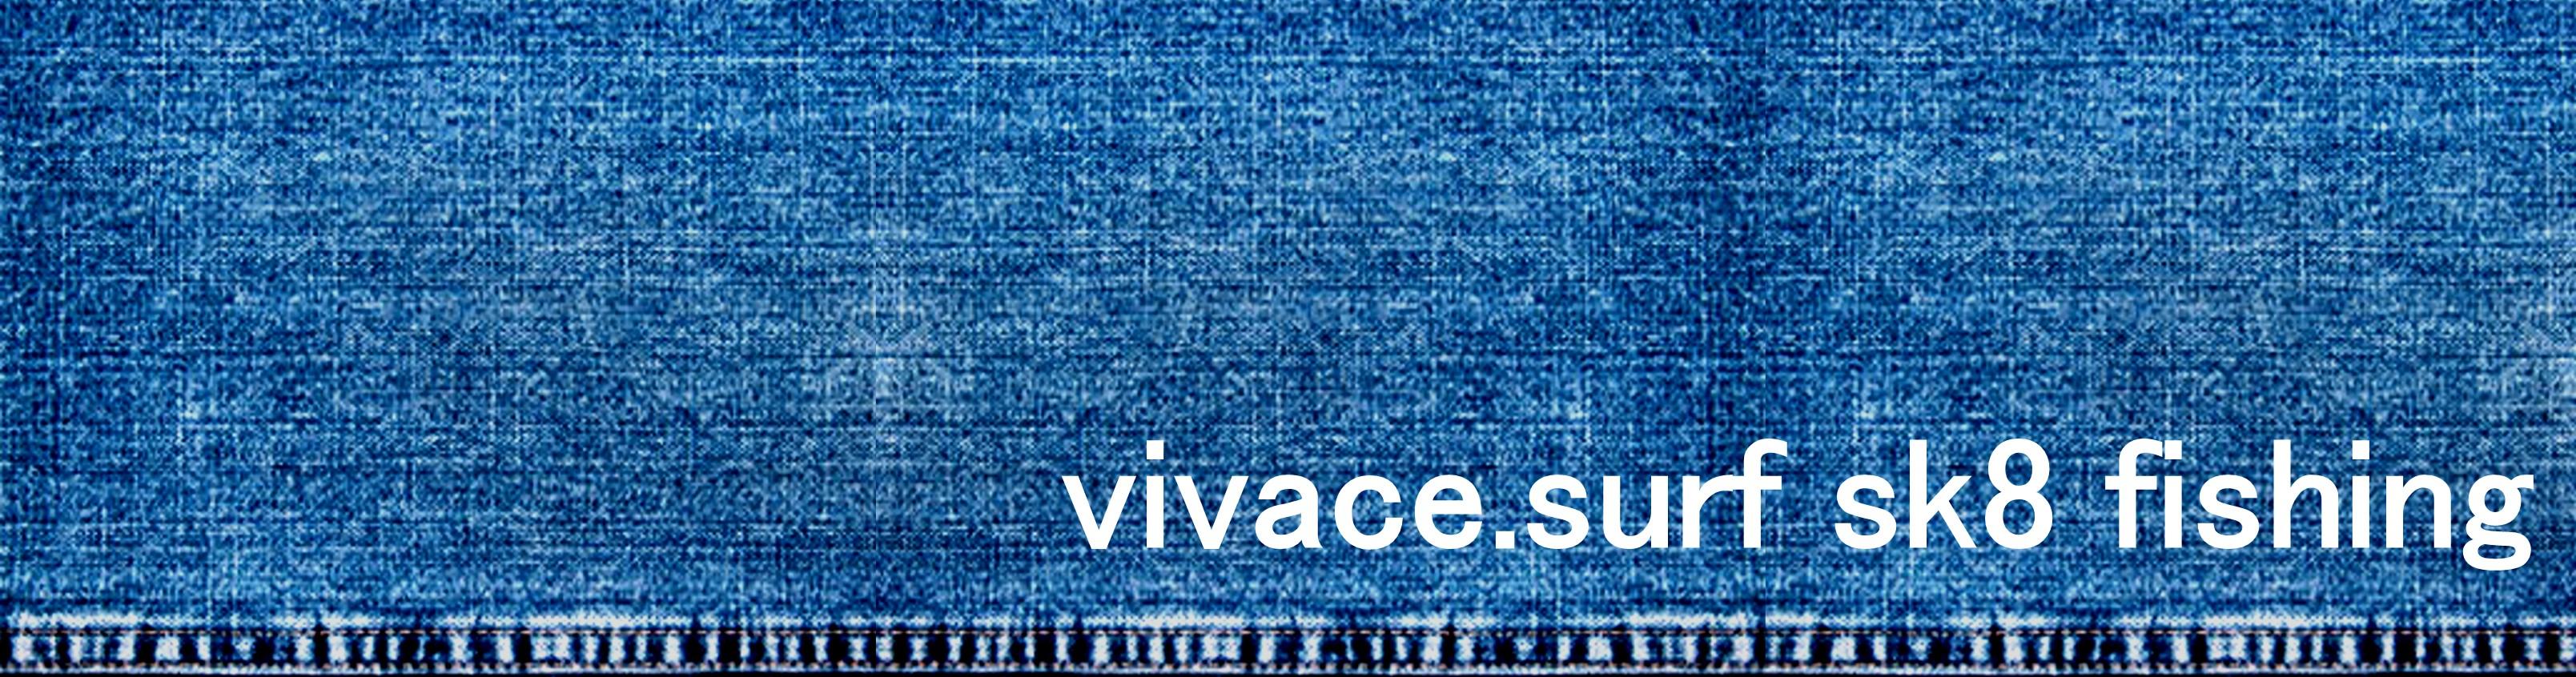 vivace . surf sk8 fishing